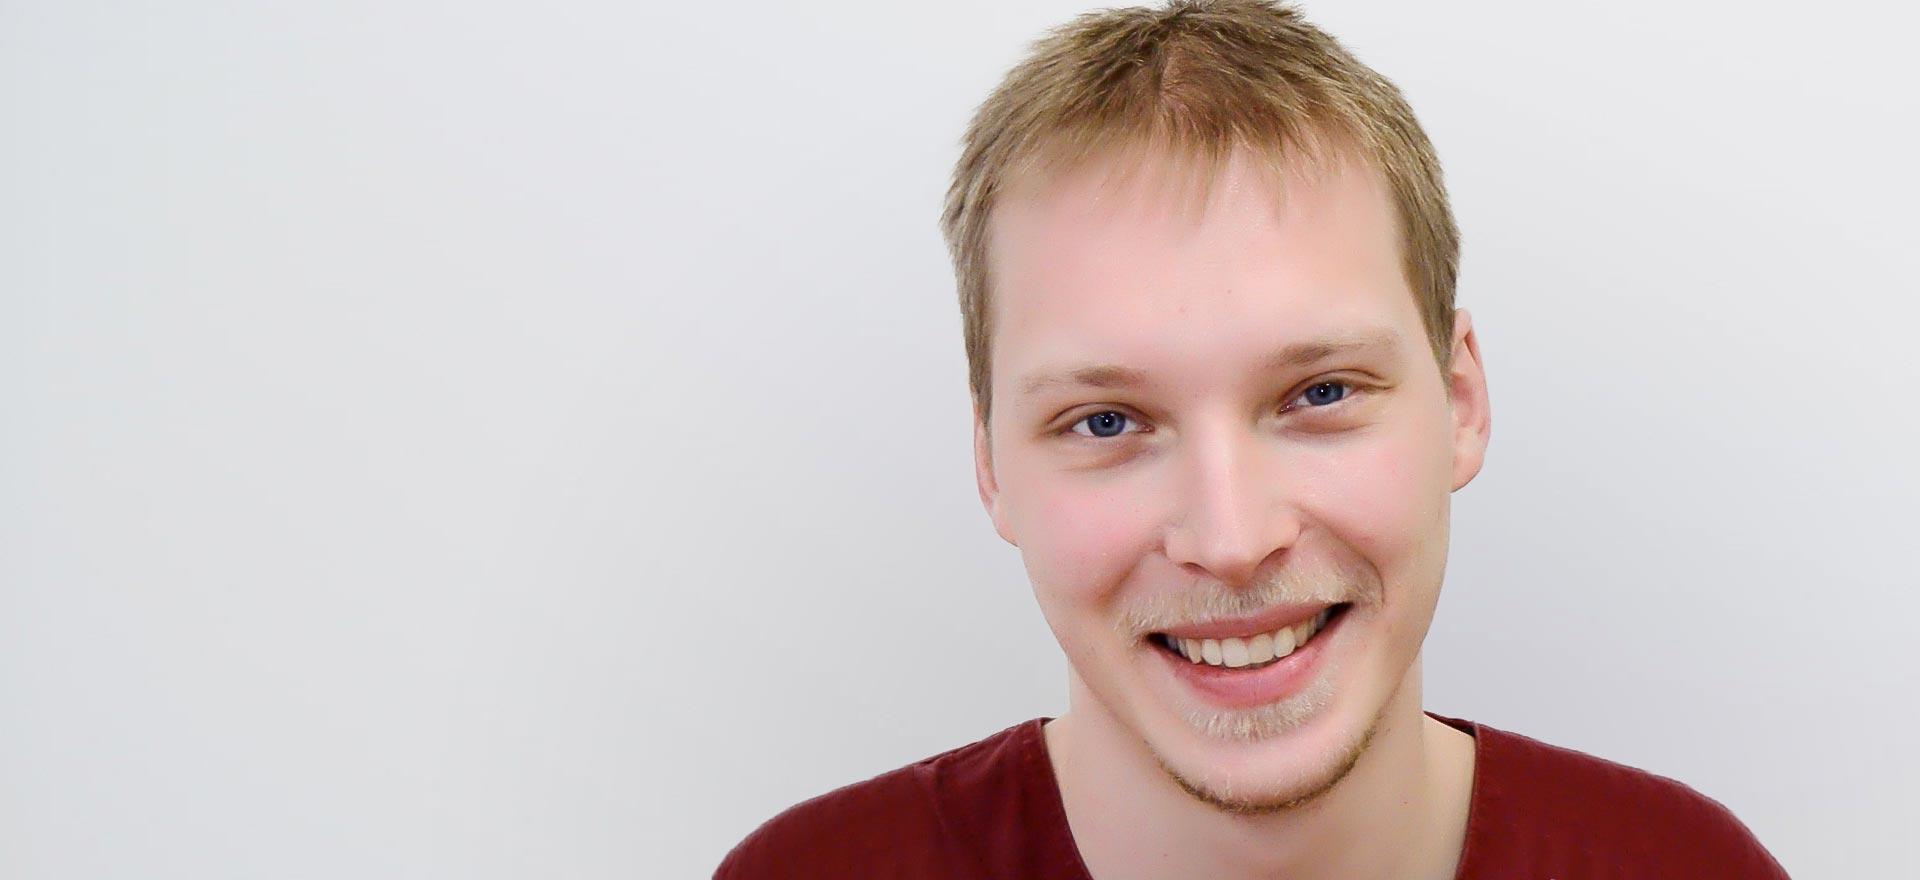 Der Fachzahnarzt für Oralchirurgie Peter Martin aus dem Belleza Zantrum Berlin.